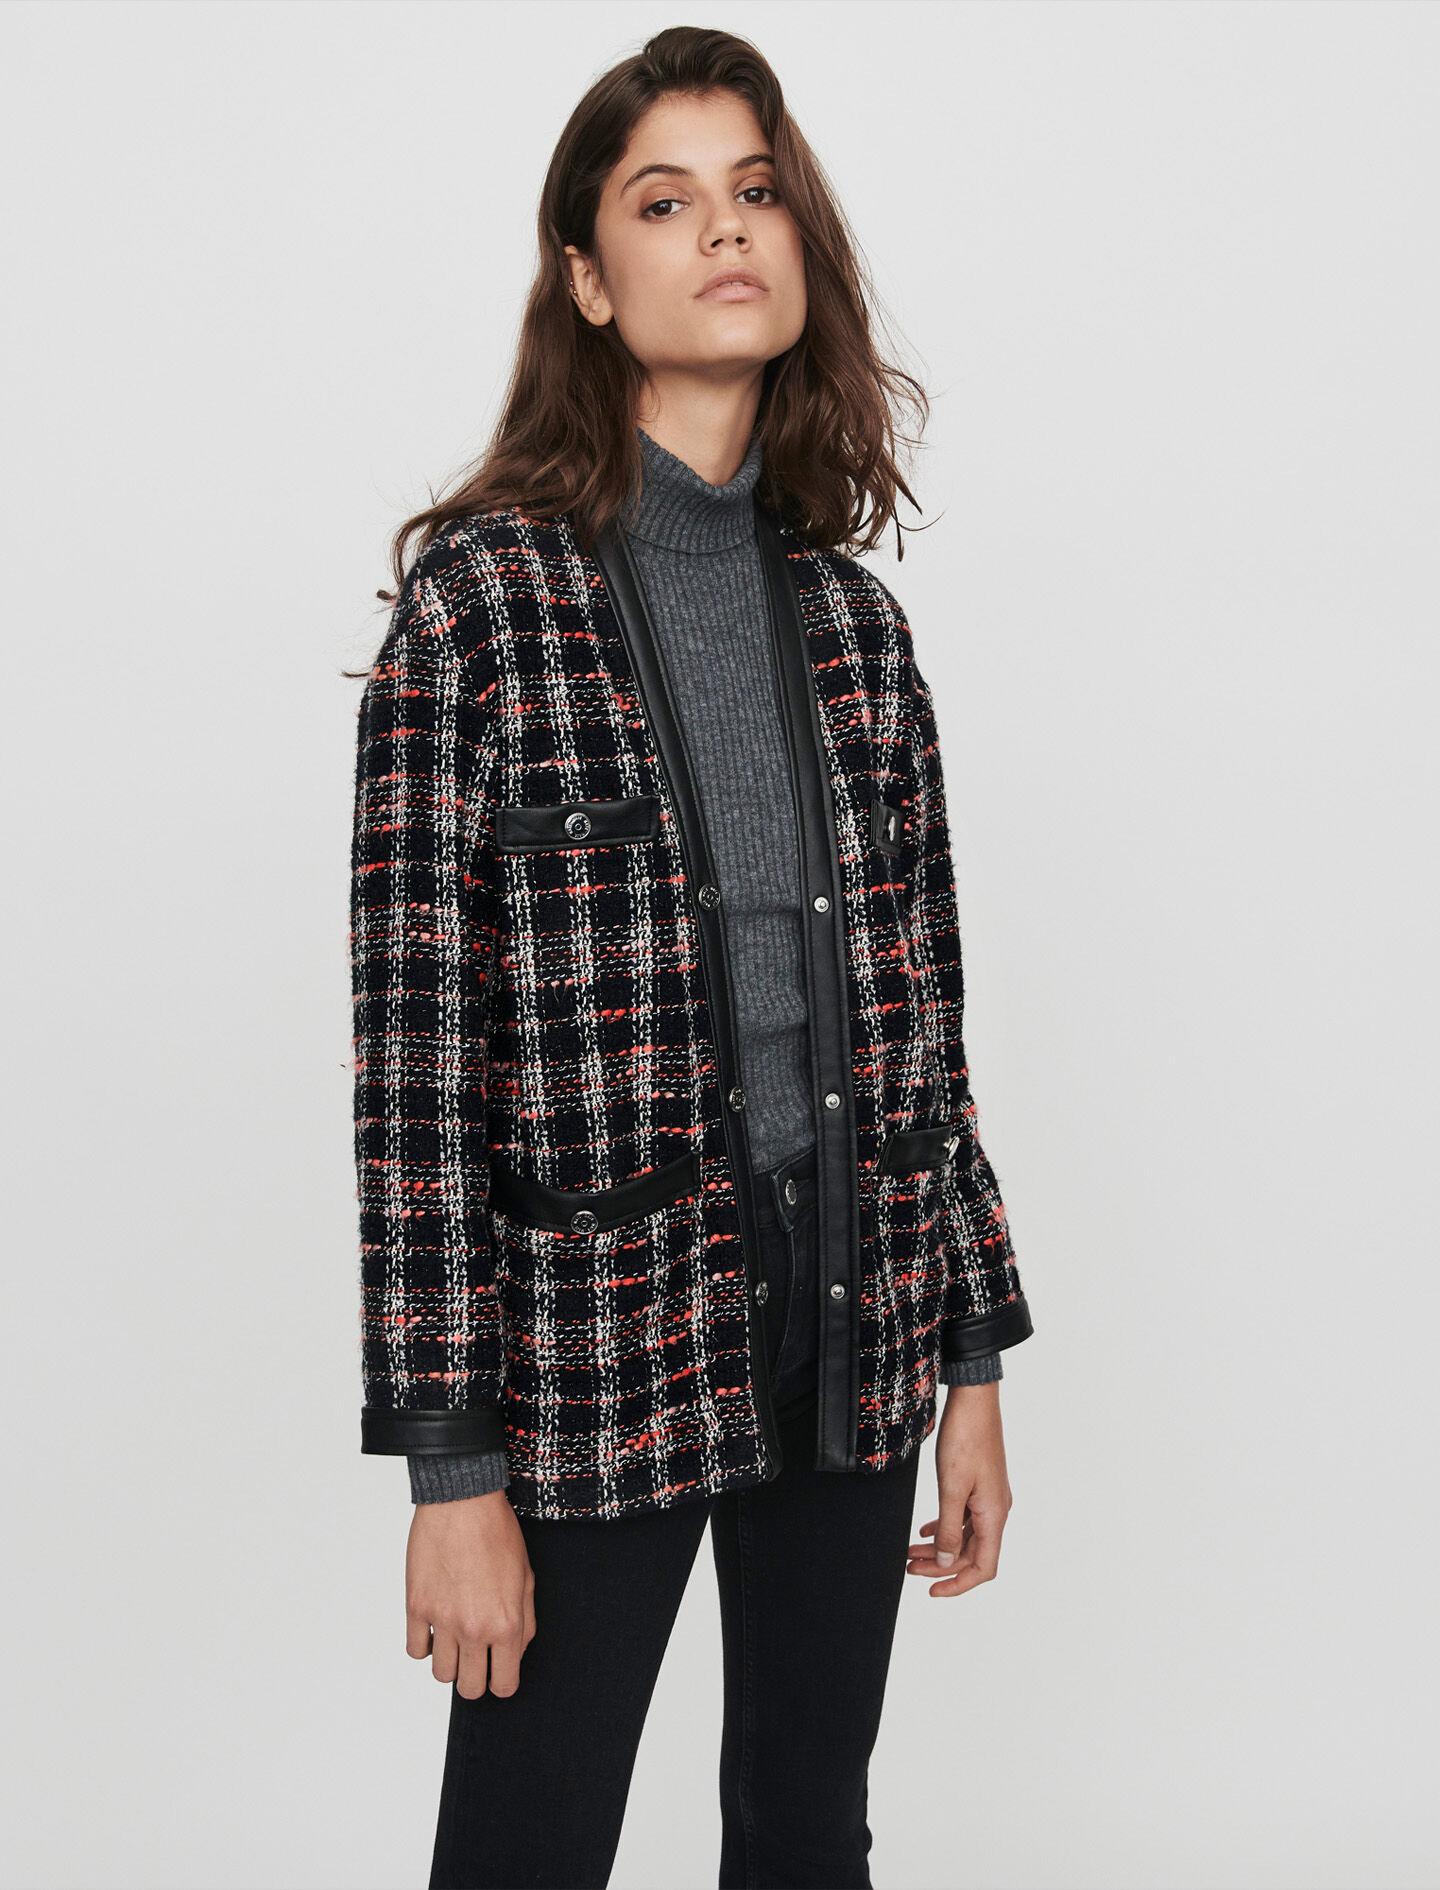 Women Coatsamp; Jackets Women Women Coatsamp; Coatsamp; Jackets Clothing Clothing Jackets SUMGLqpzV